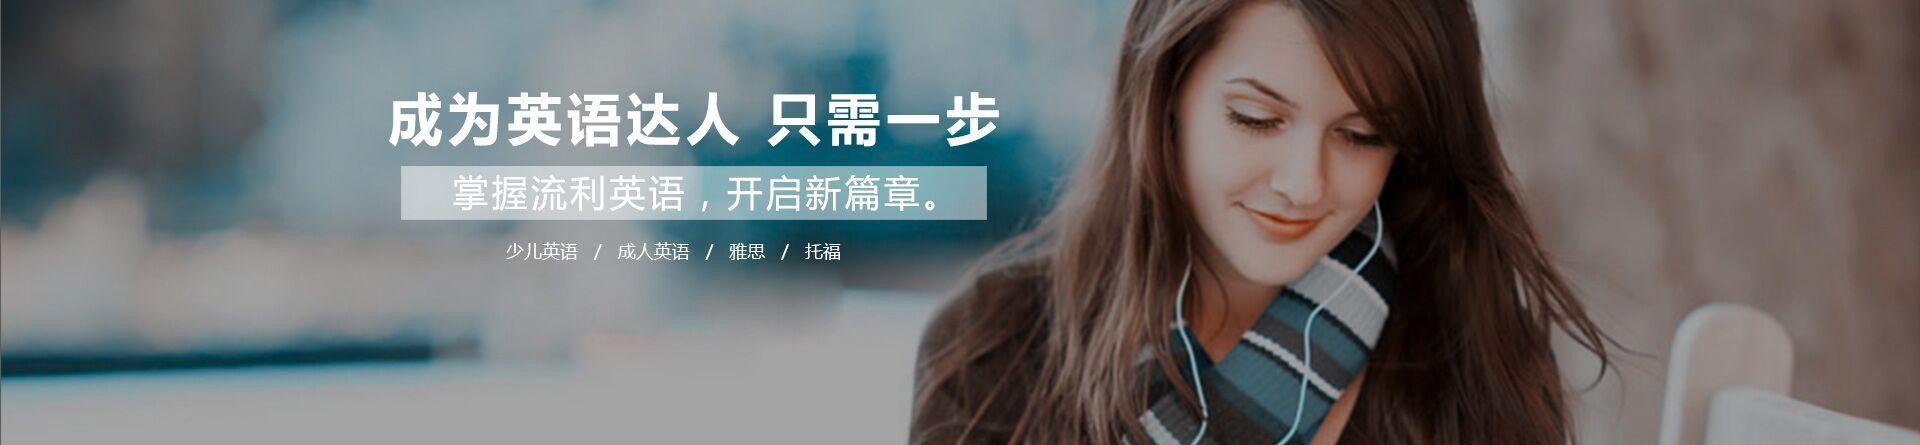 四川省乐山市阿卡索英语培训机构